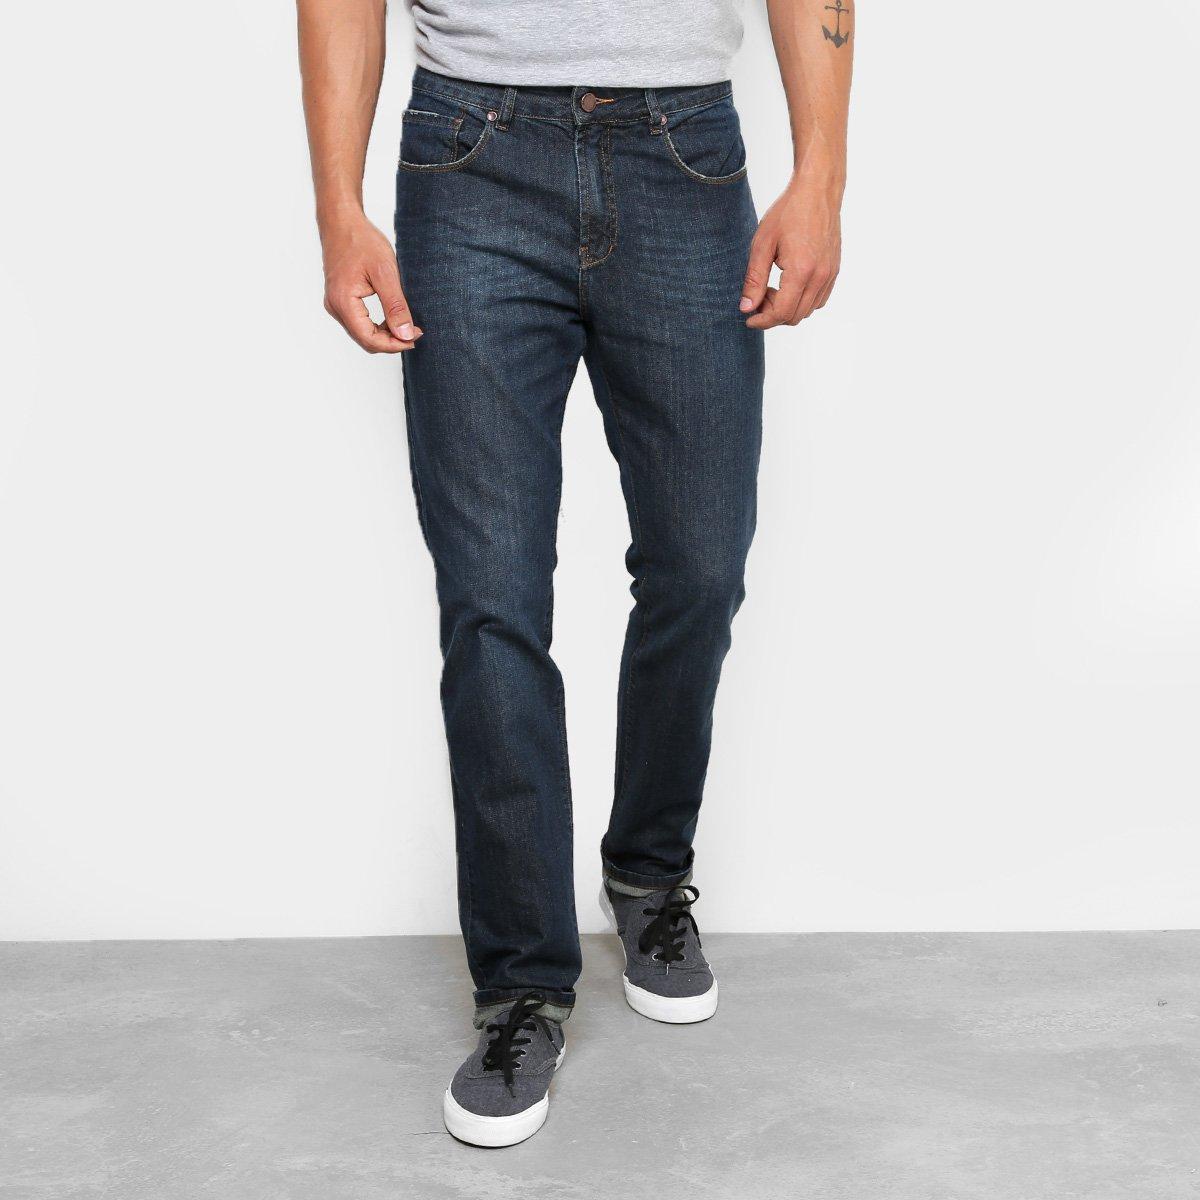 728c4c3a0 Calça Jeans Slim Foxton Escura Masculina